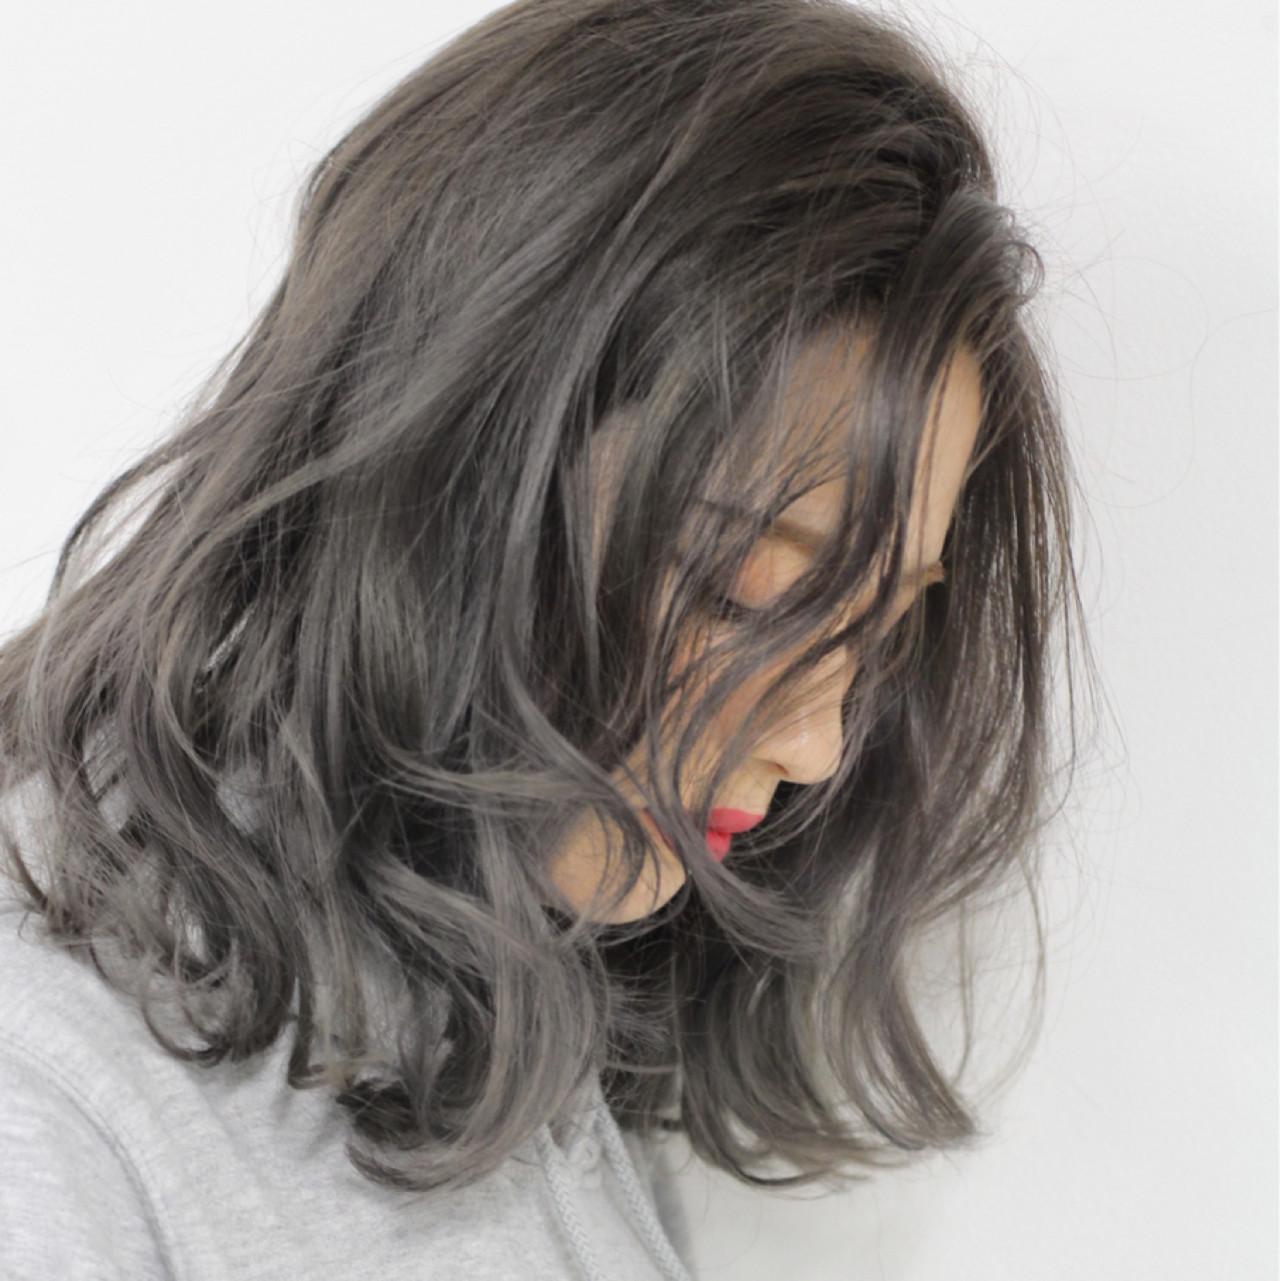 グラデーションカラー ストリート グレージュ ハイライト ヘアスタイルや髪型の写真・画像 | 仲澤 武 tornado / tornado  トルネード